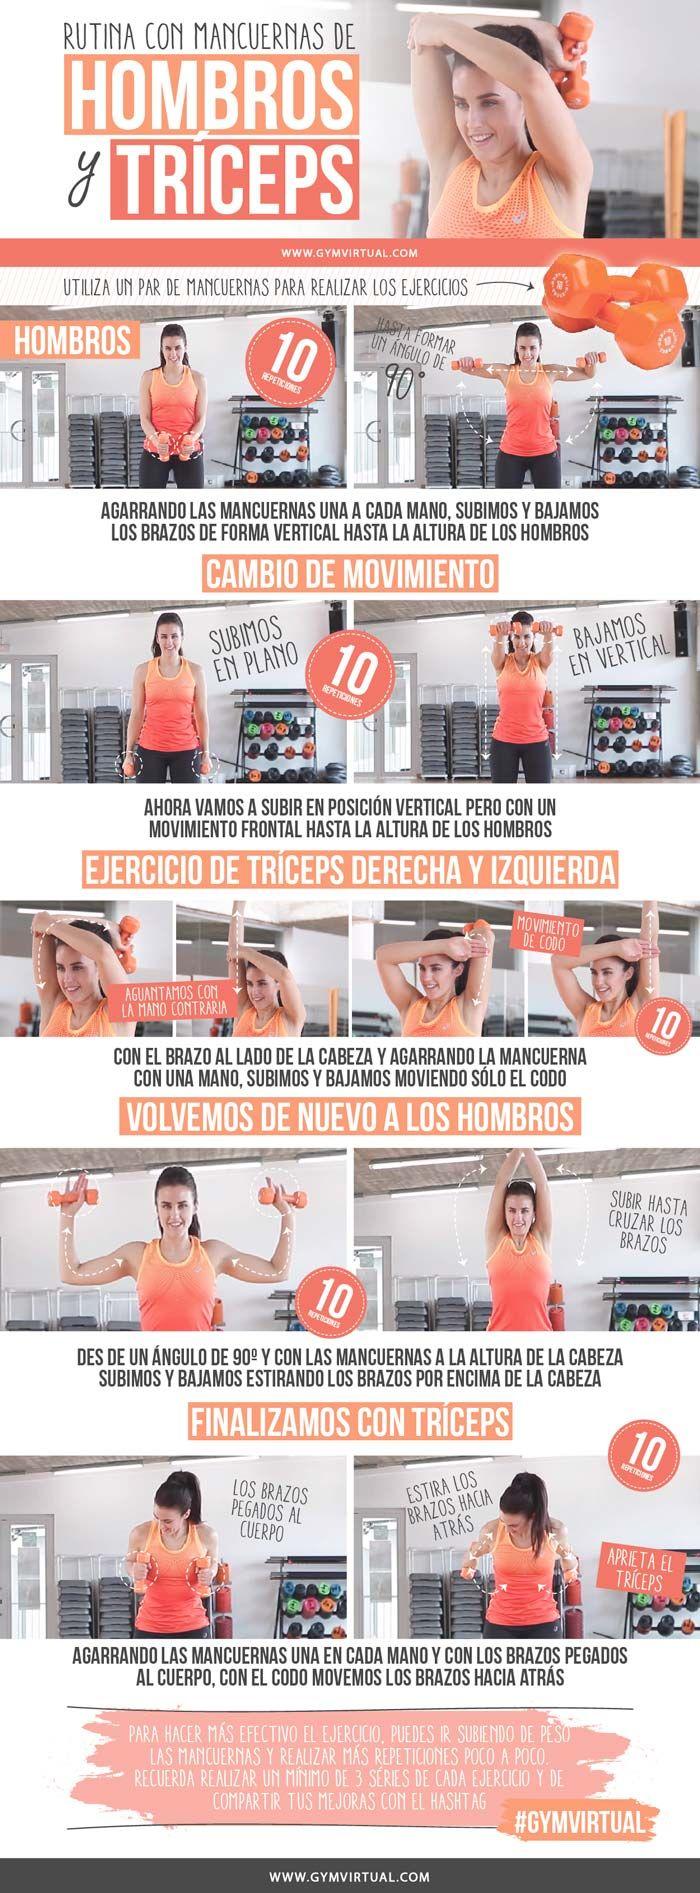 Rutina Para Hombros Y Tríceps Con Mancuernas Paso A Paso Gym Virtual Ejercicios Ejercicios Para Brazos Rutinas De Ejercicio